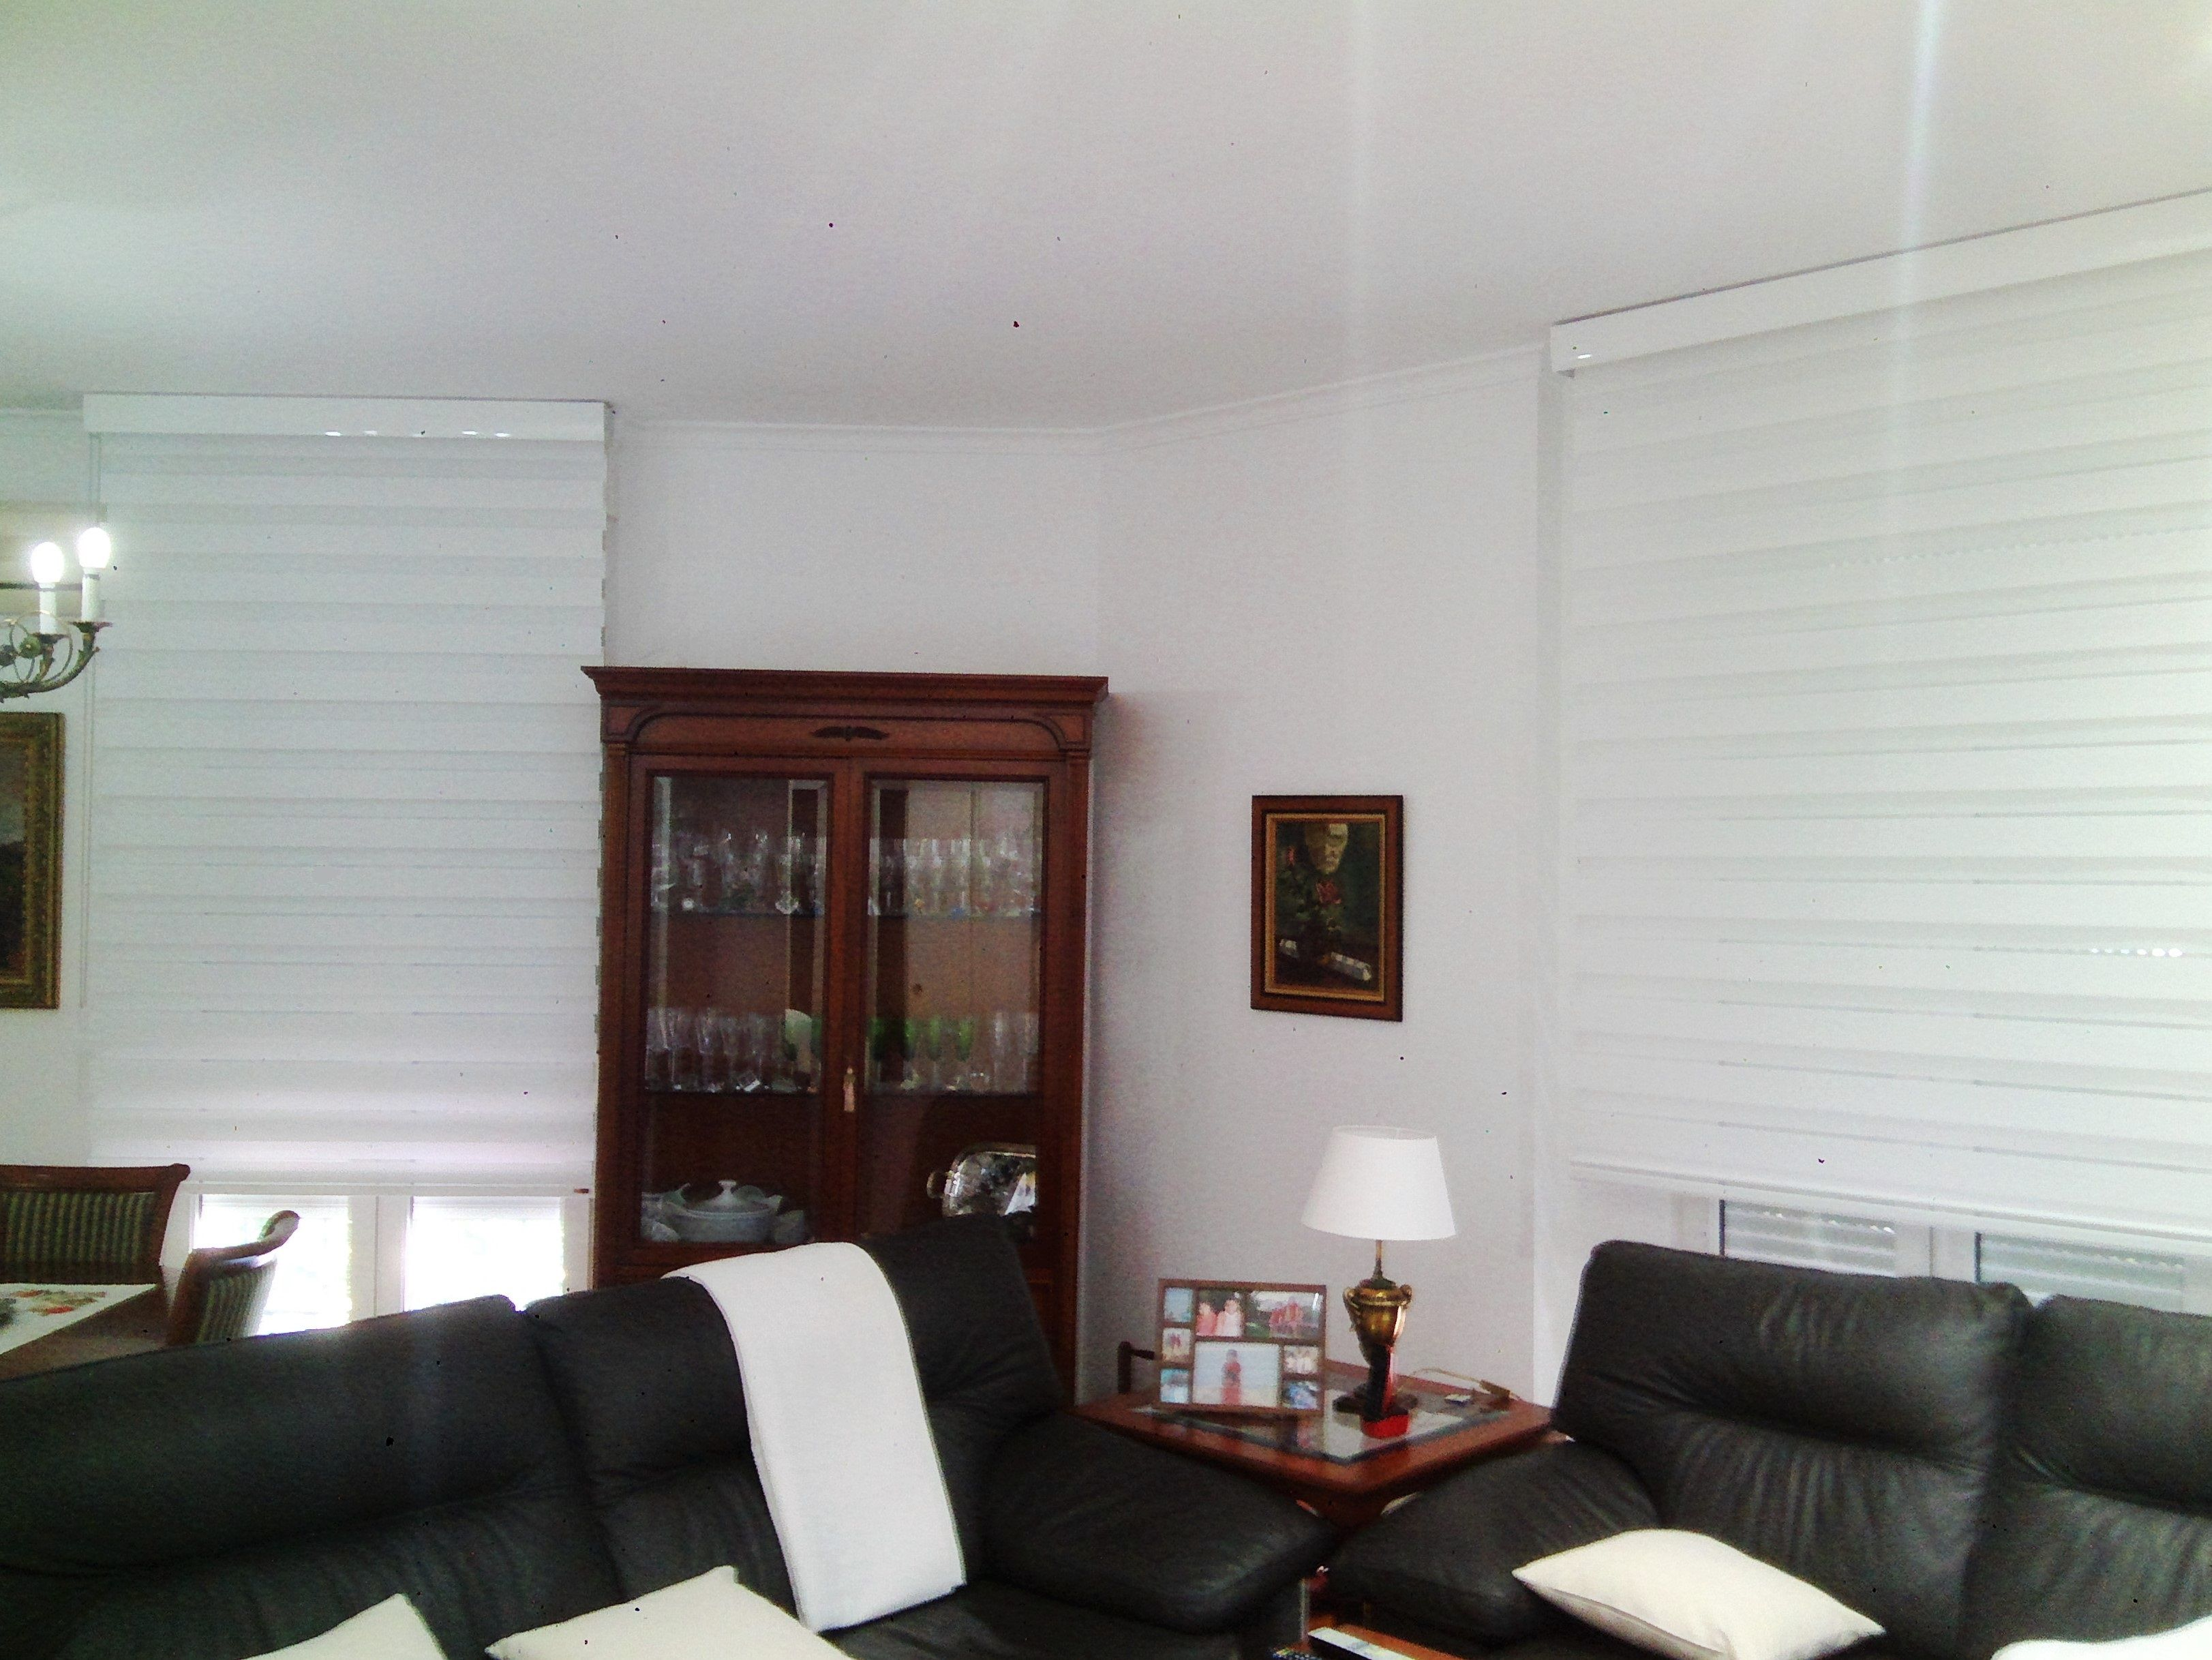 Estores #enrollables noche y dia con galería color blanco de la casa ...